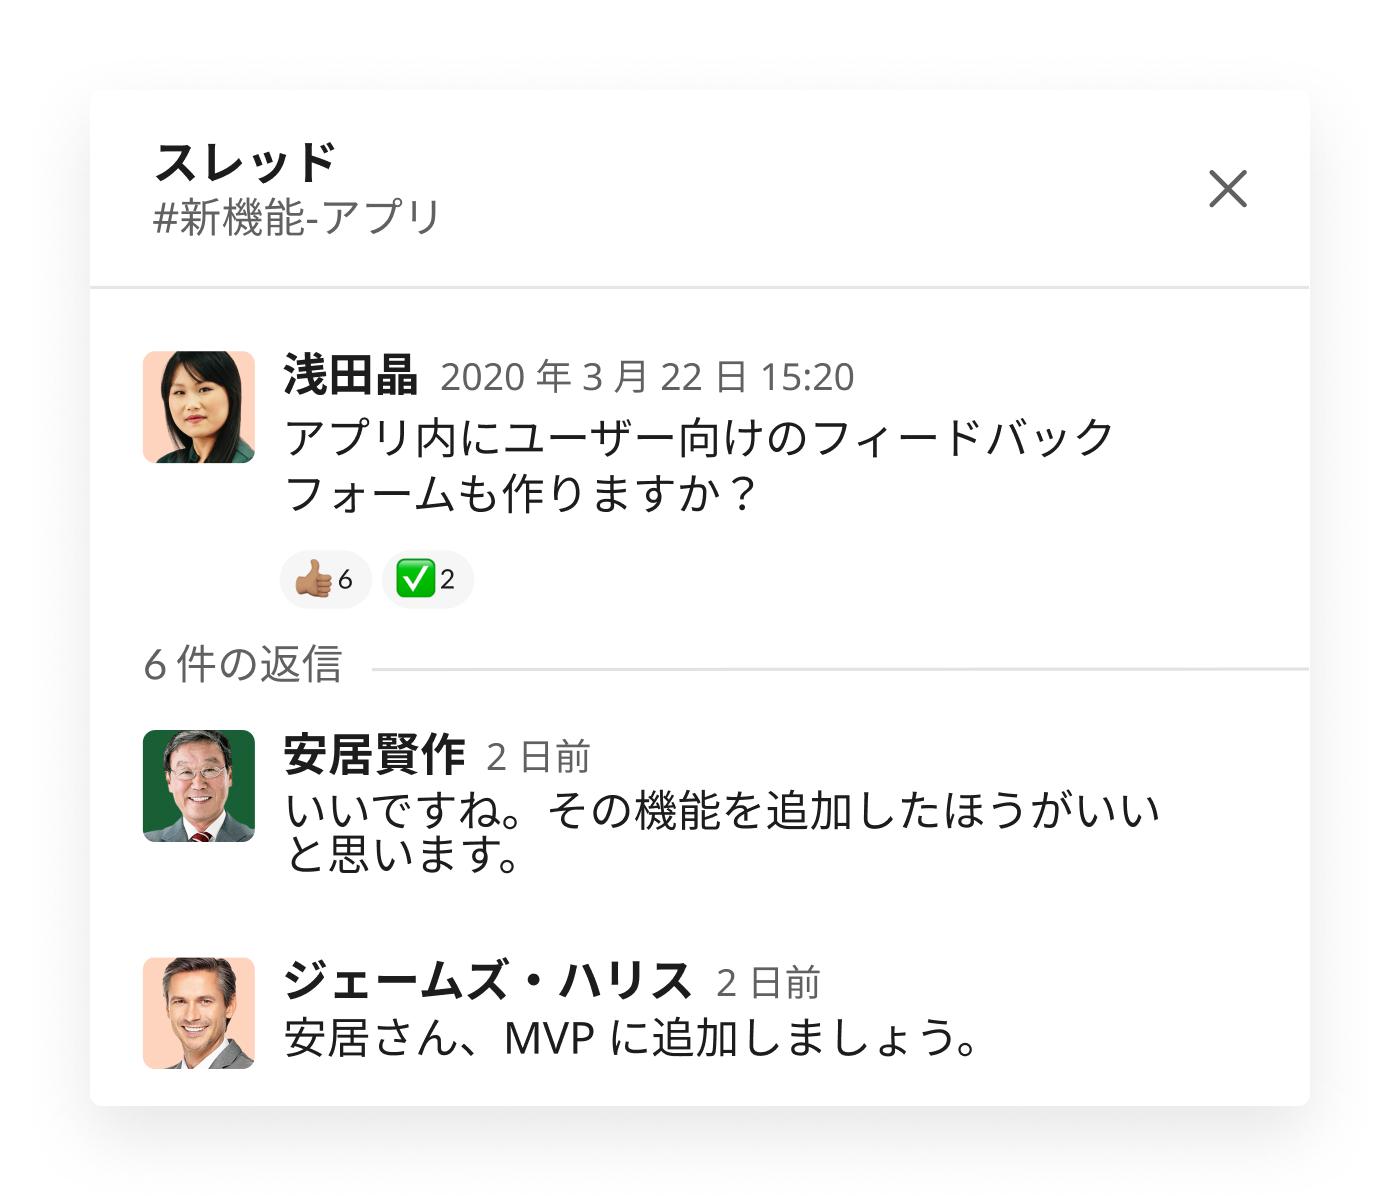 アプリのユーザー向けフィードバックフォームについて話し合っている Slack スレッド